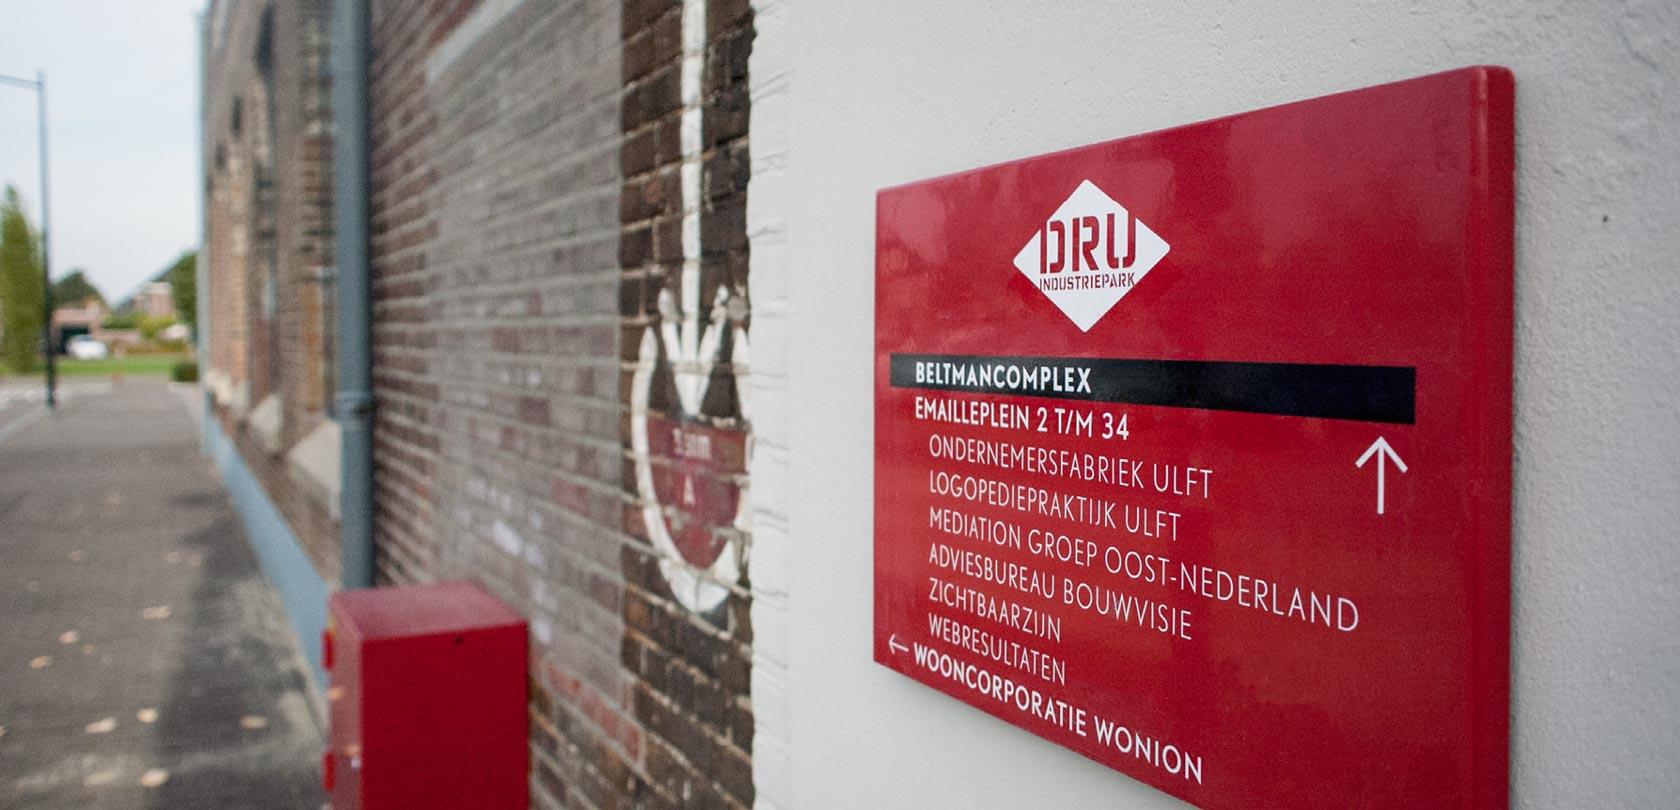 Bewegwijzering DRU Industriepark - design: ontwerpbureau VA